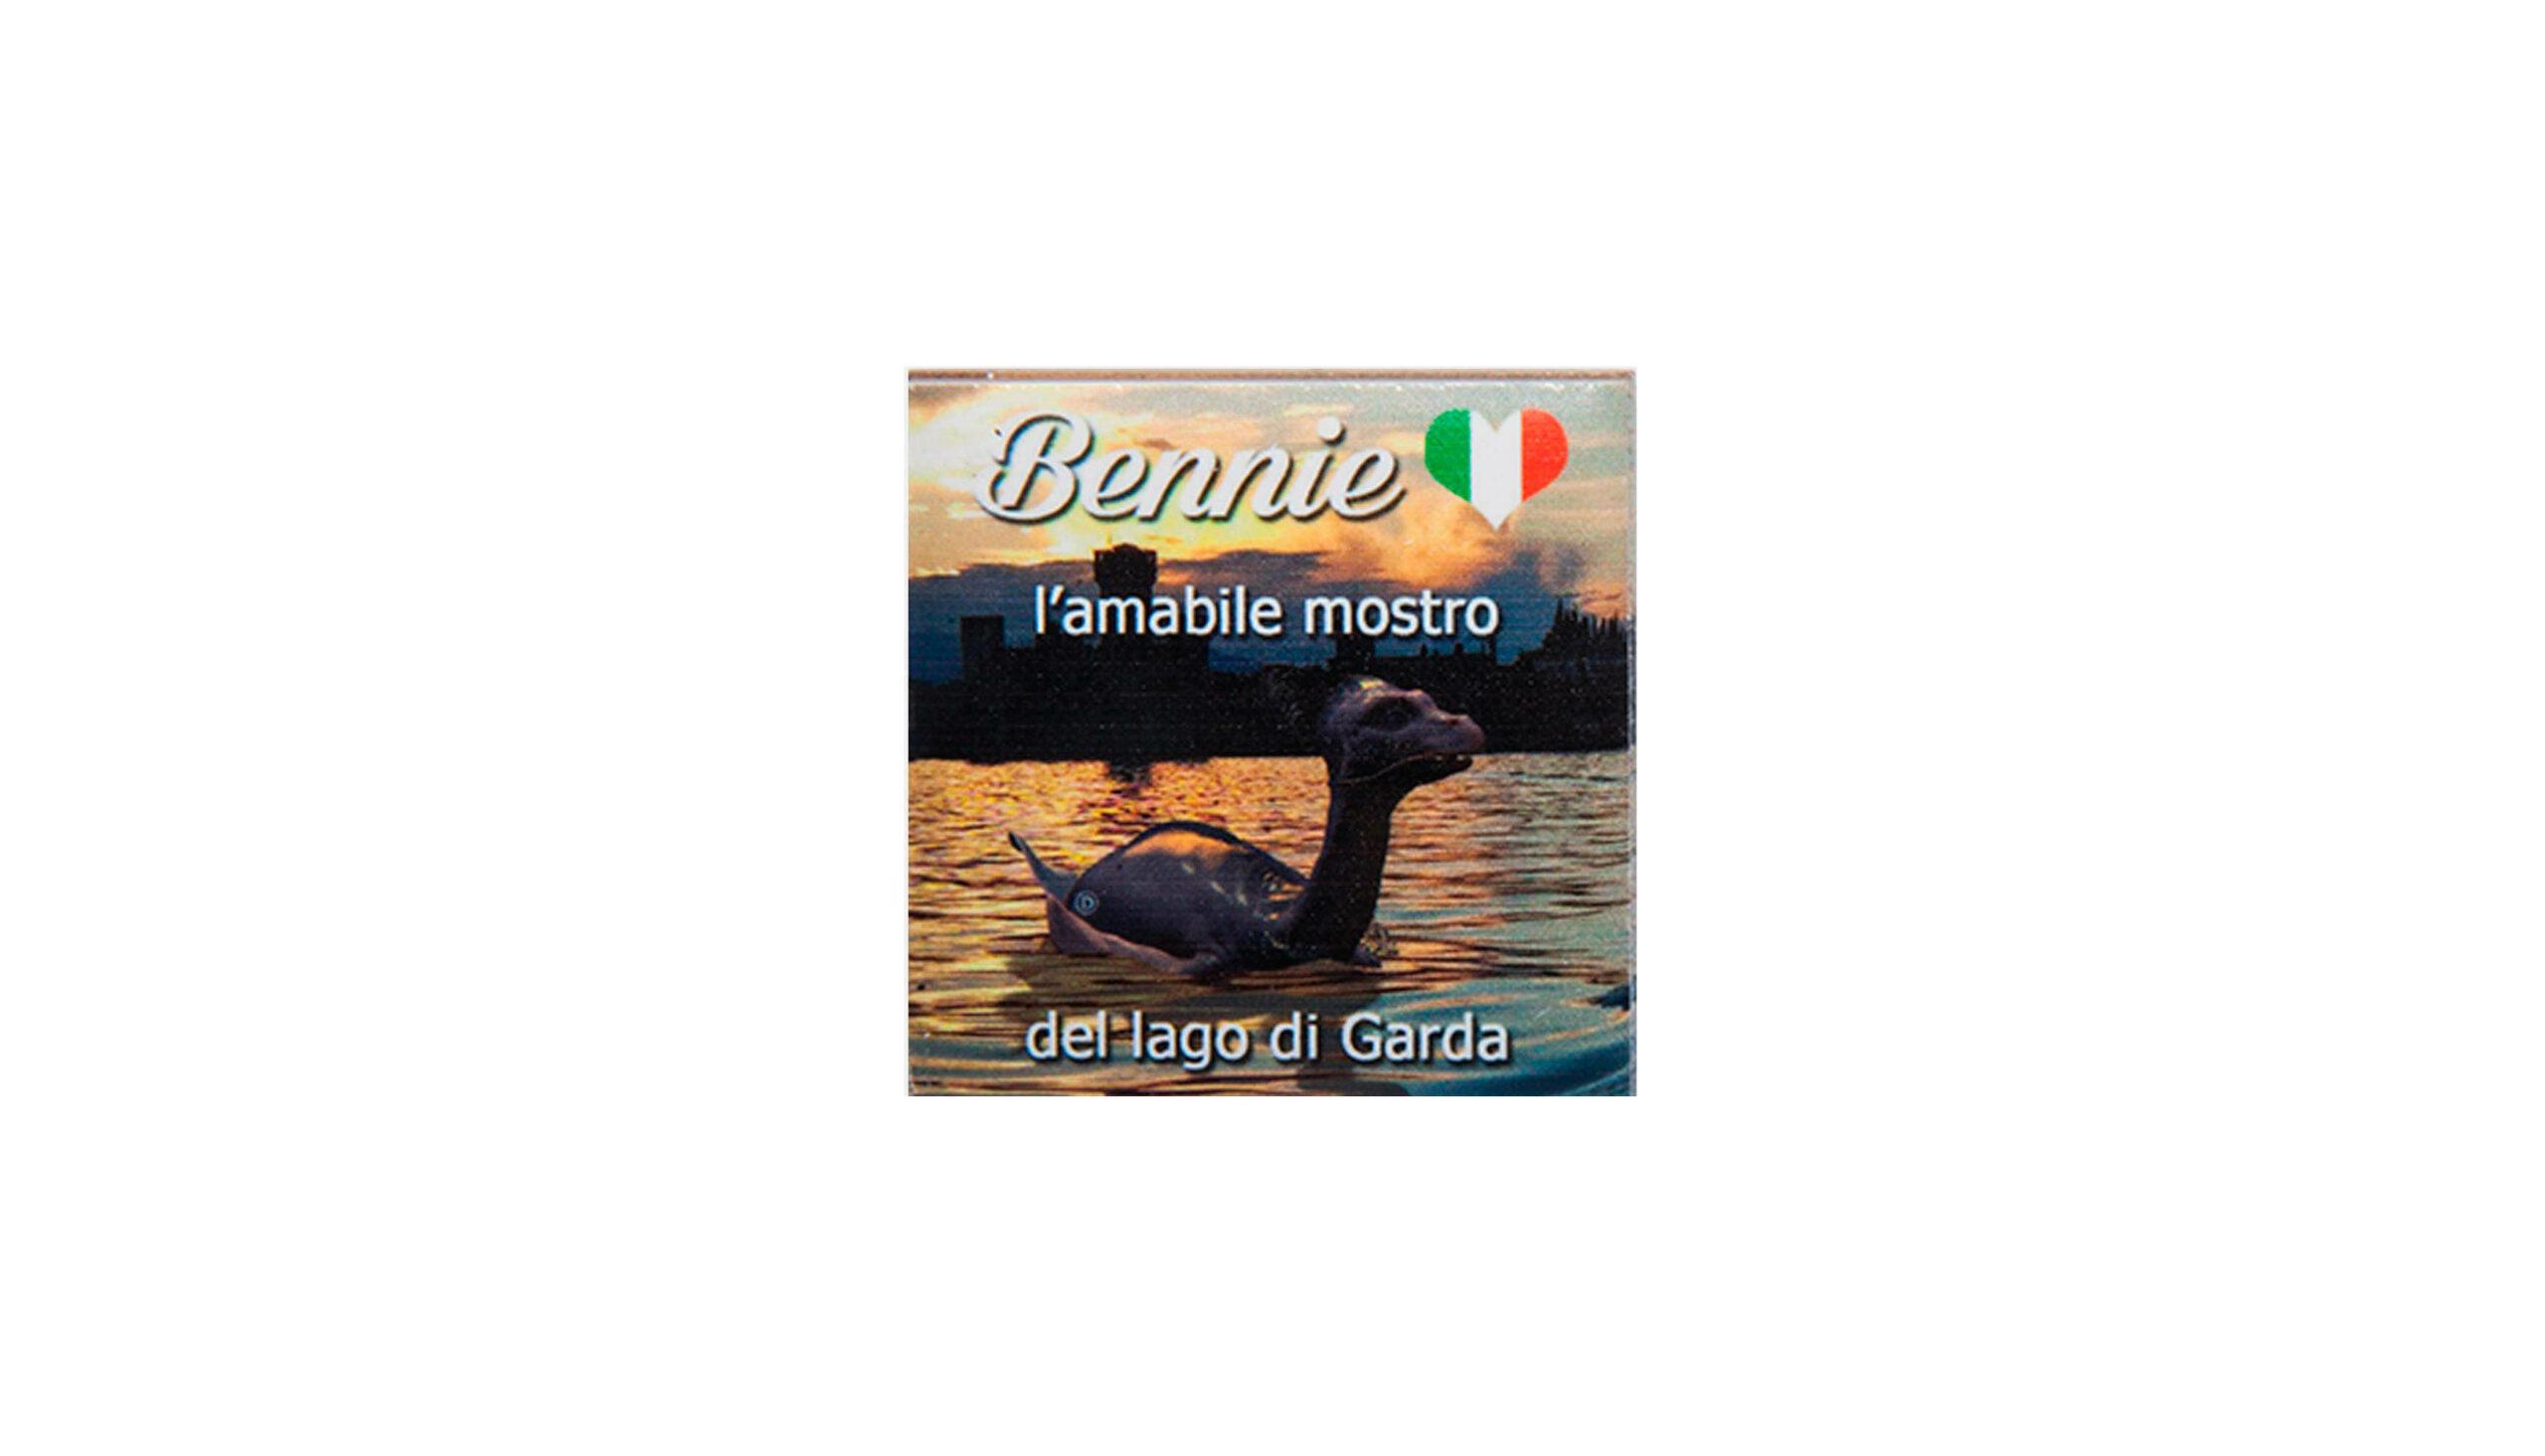 piccolo calamite classico tramonto bennie il mostro del lago di Garda. Bthemonster.com